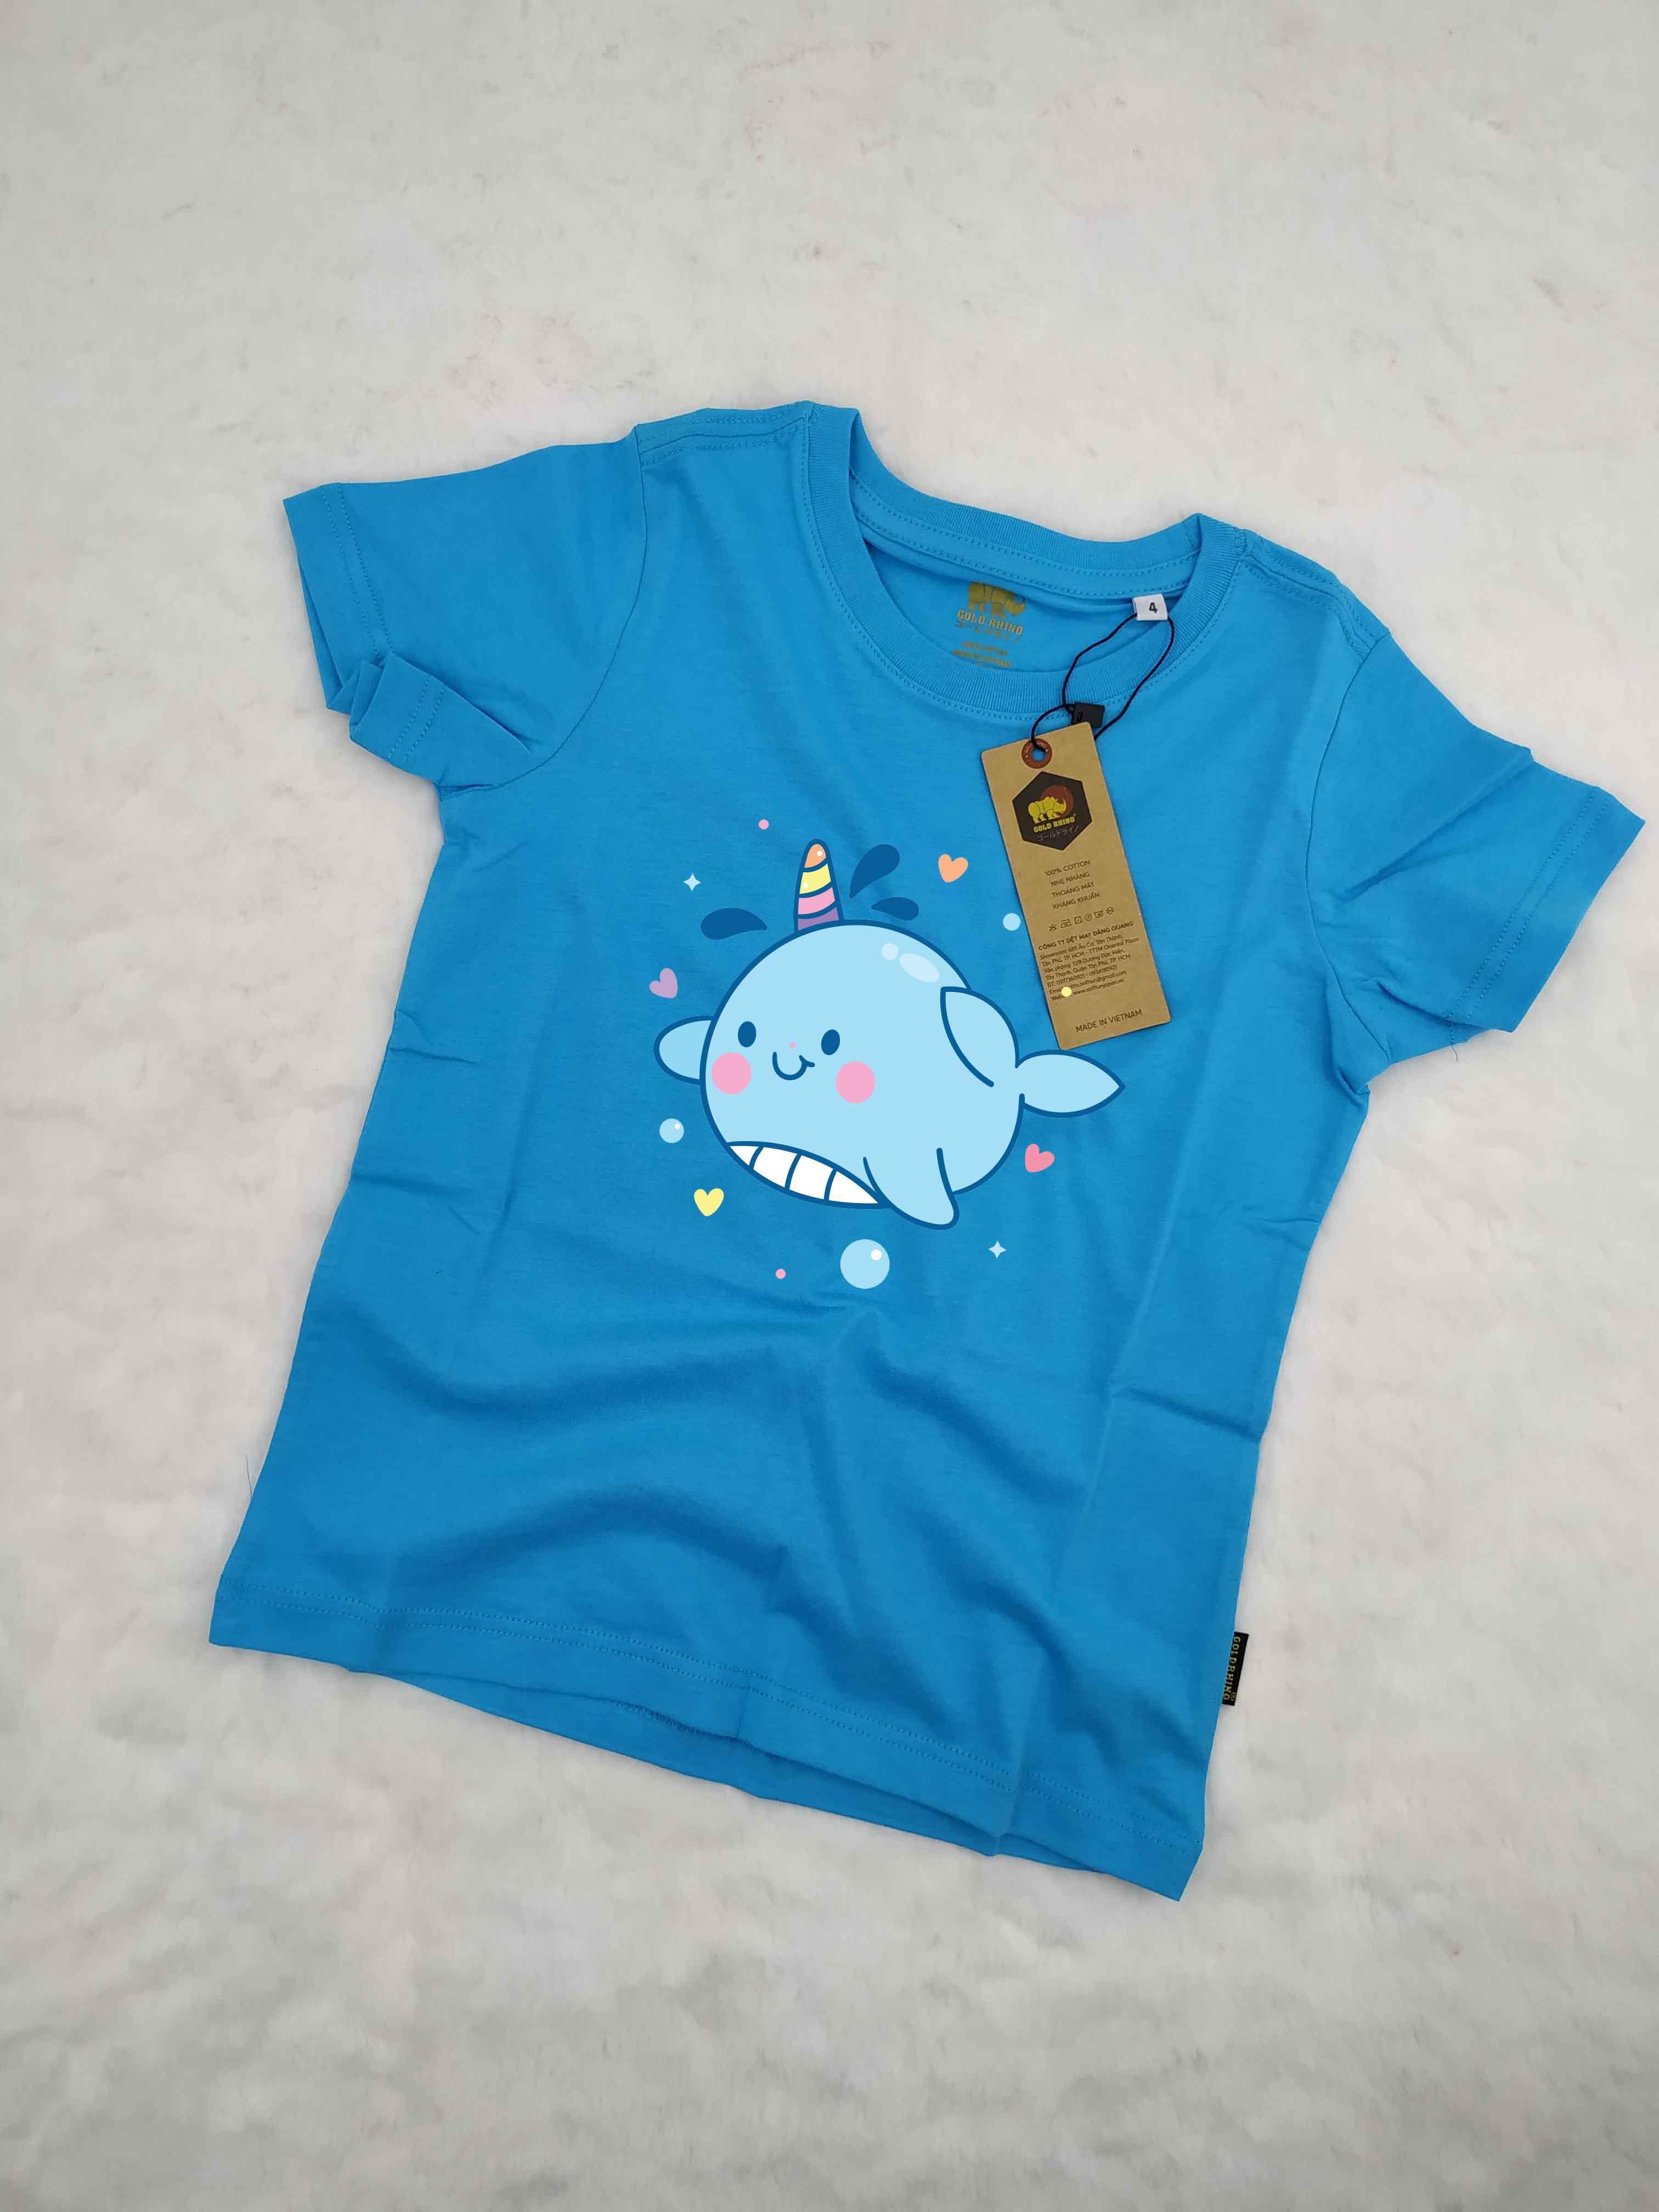 Áo thun hình cá heo cho bé dệt may theo công nghệ thoát nhiệt nhật bản (xanh da trời)